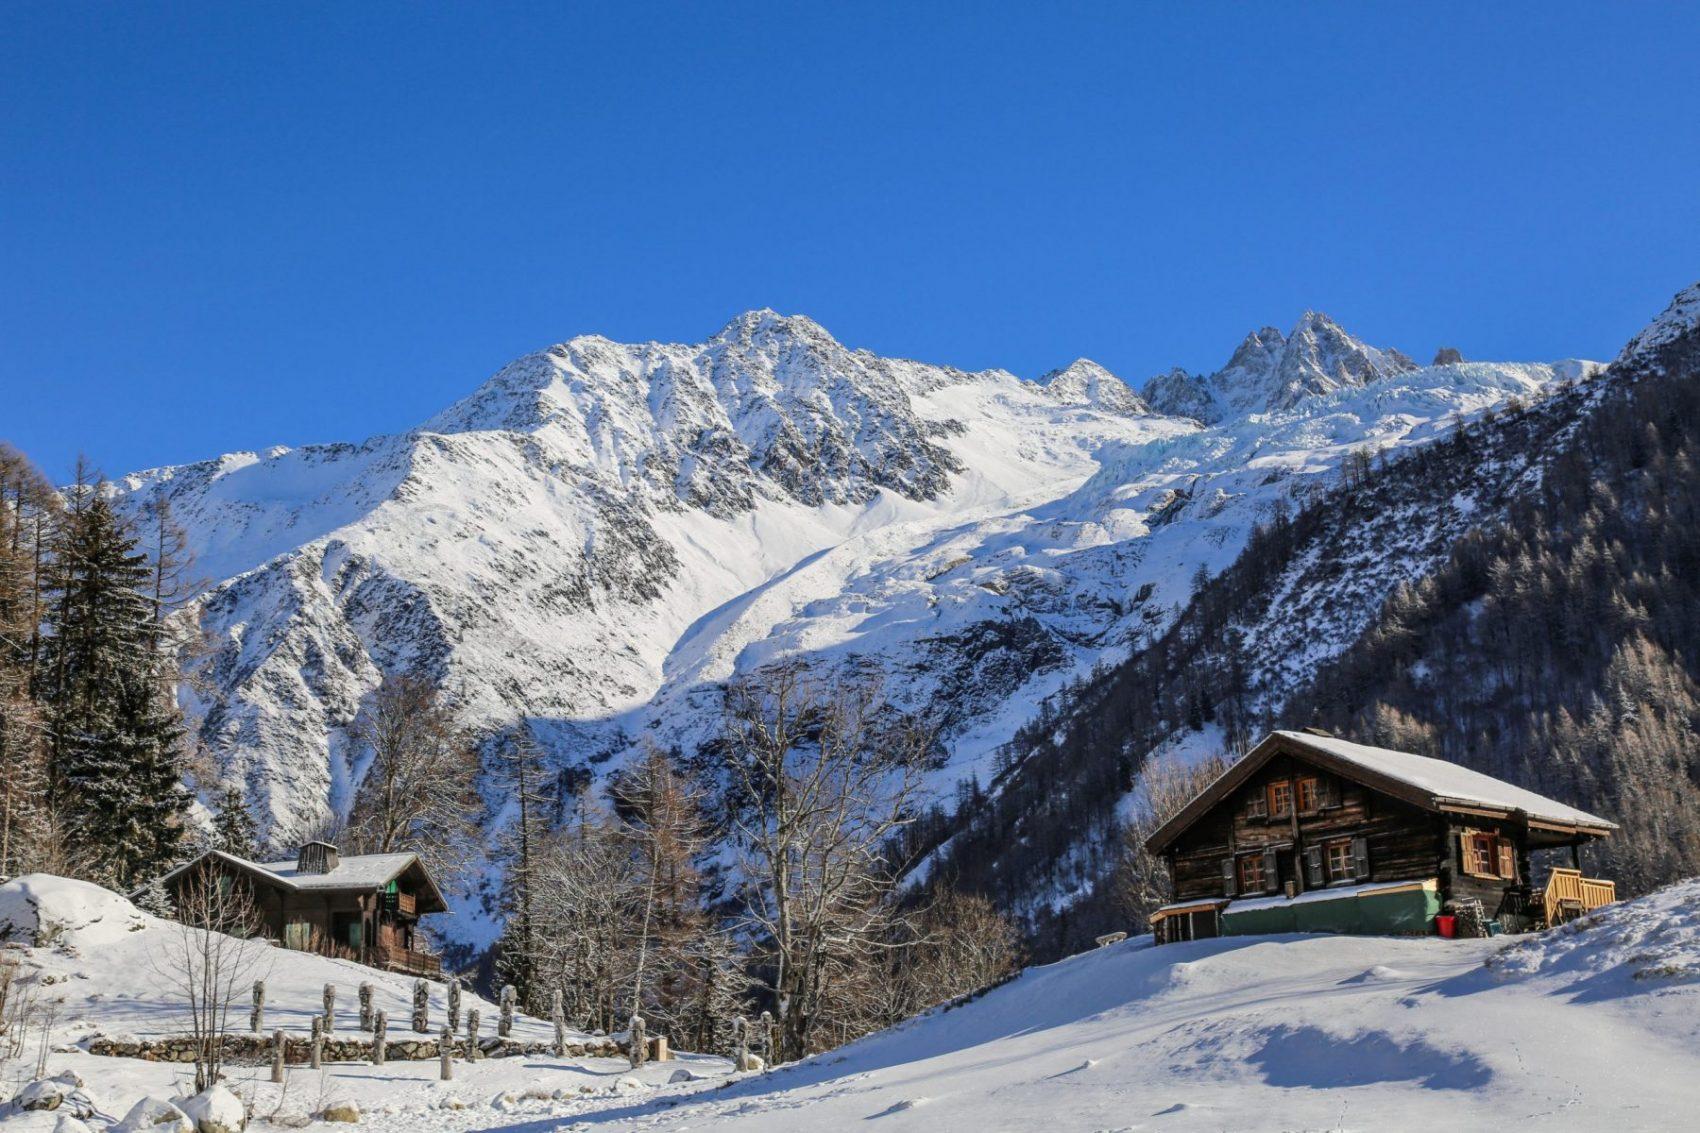 Winter in Chamonix- Photo credits: Salome Abrial. OT Chamonix. Must-Read guide to Chamonix